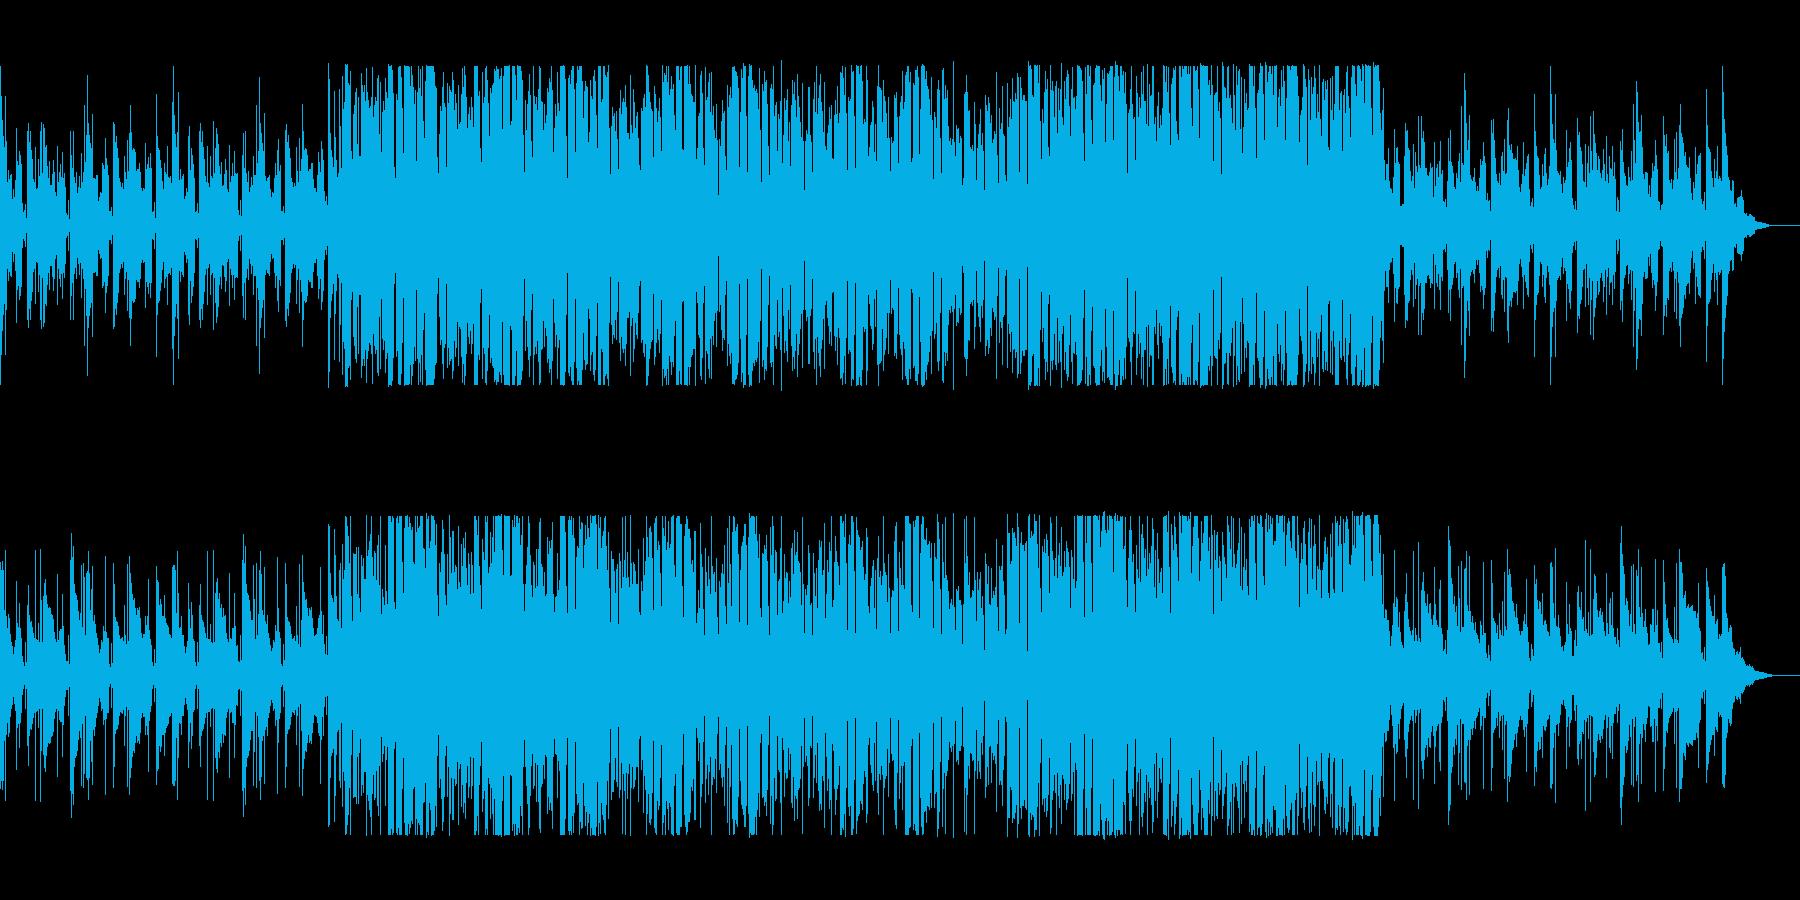 爽快でも落ち着けるBGMの再生済みの波形